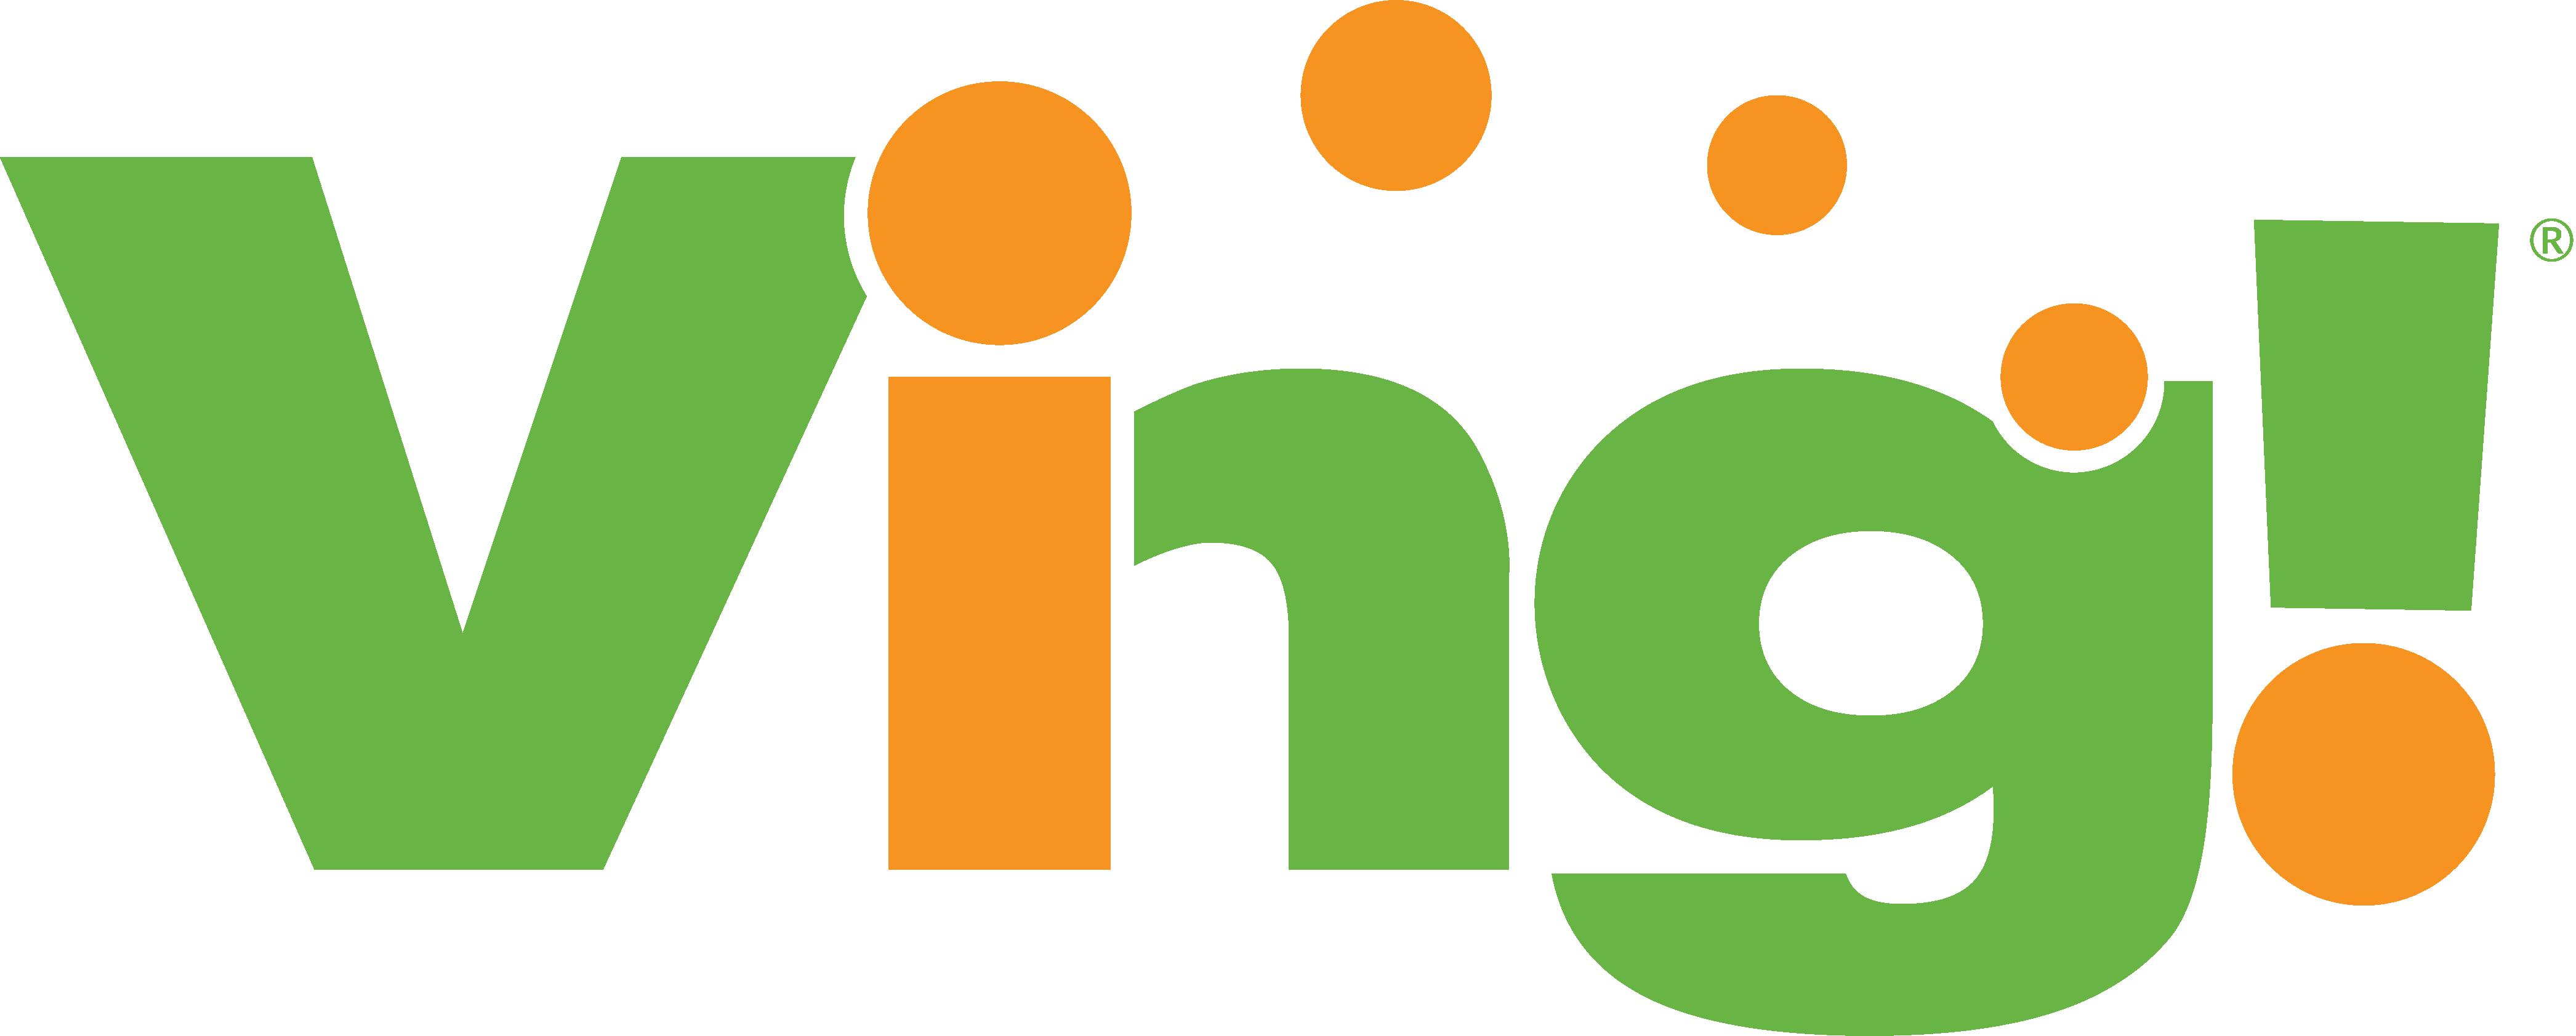 Ving_Flat_Logo.png